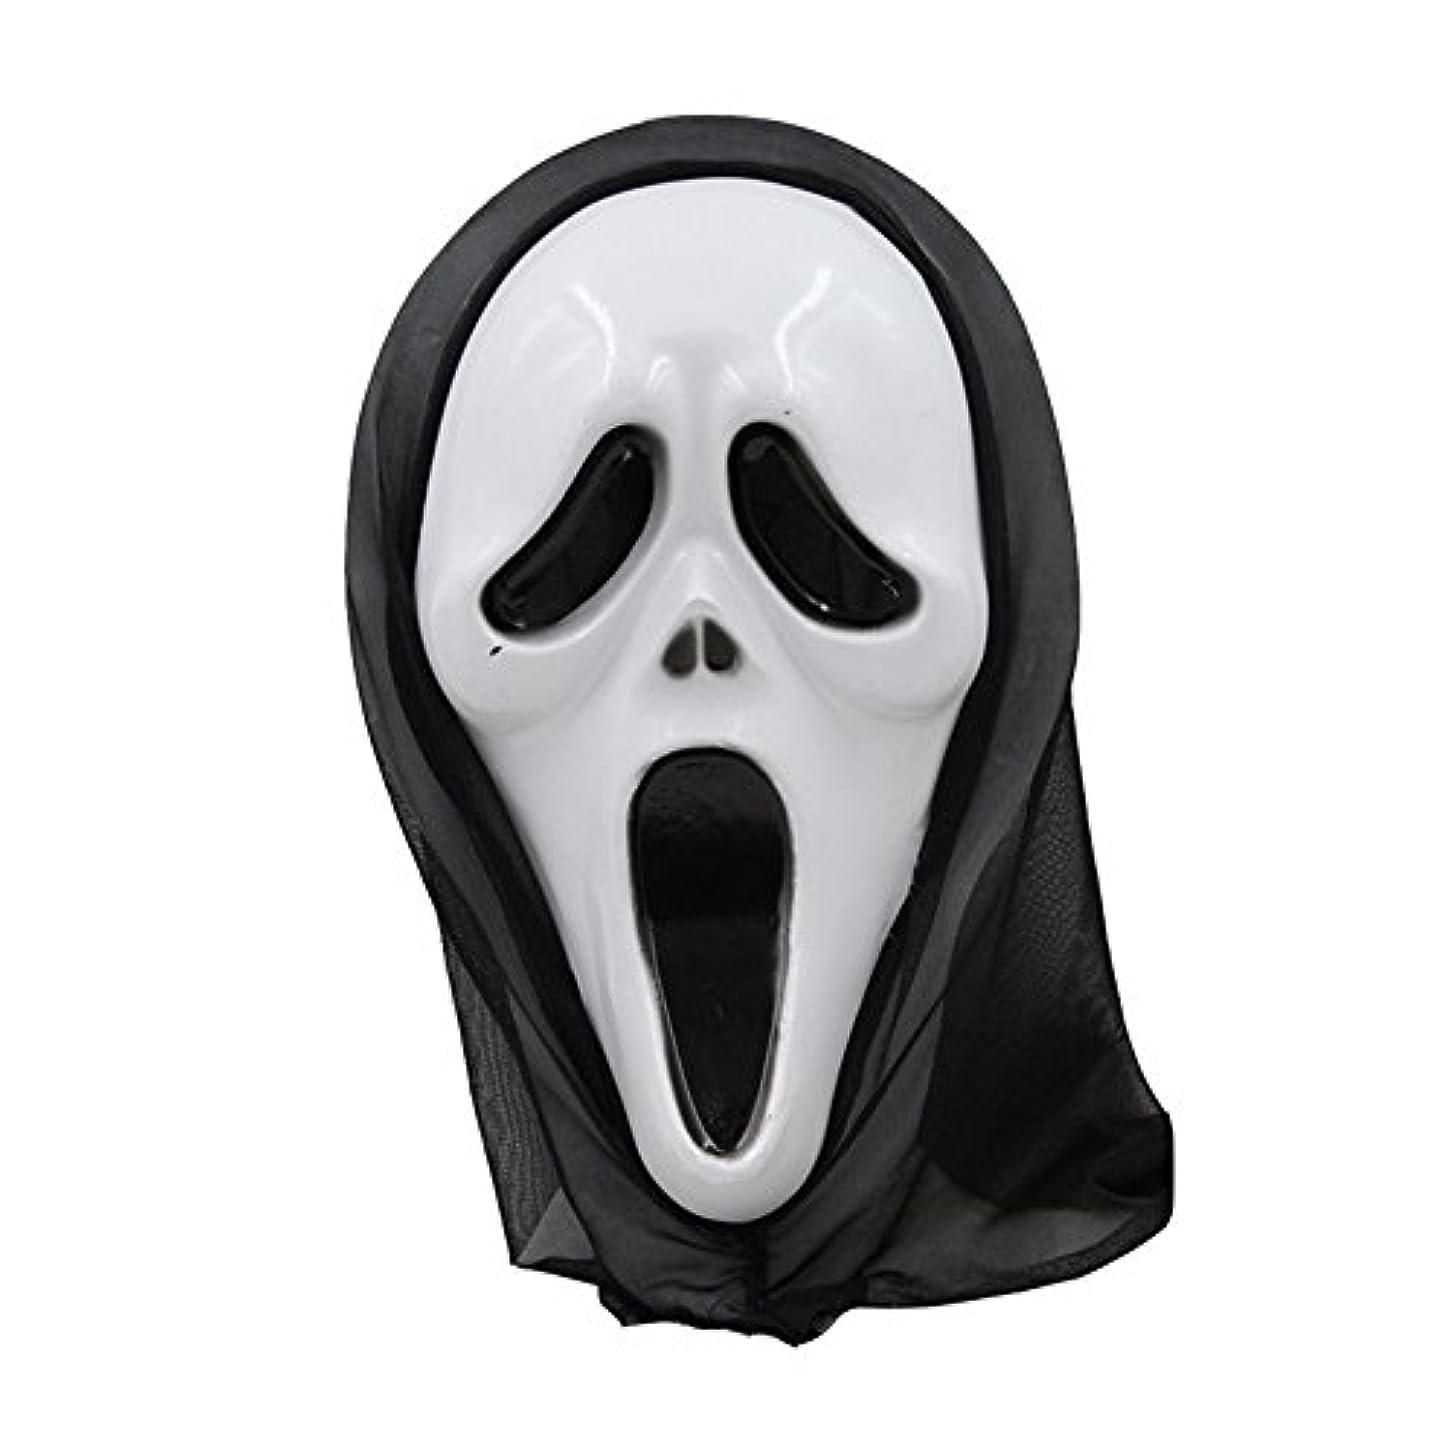 最初は寄生虫エキゾチックハロウィーンマスク仮面舞踏会全体の小道具フェイスマスクホラー叫びマスク